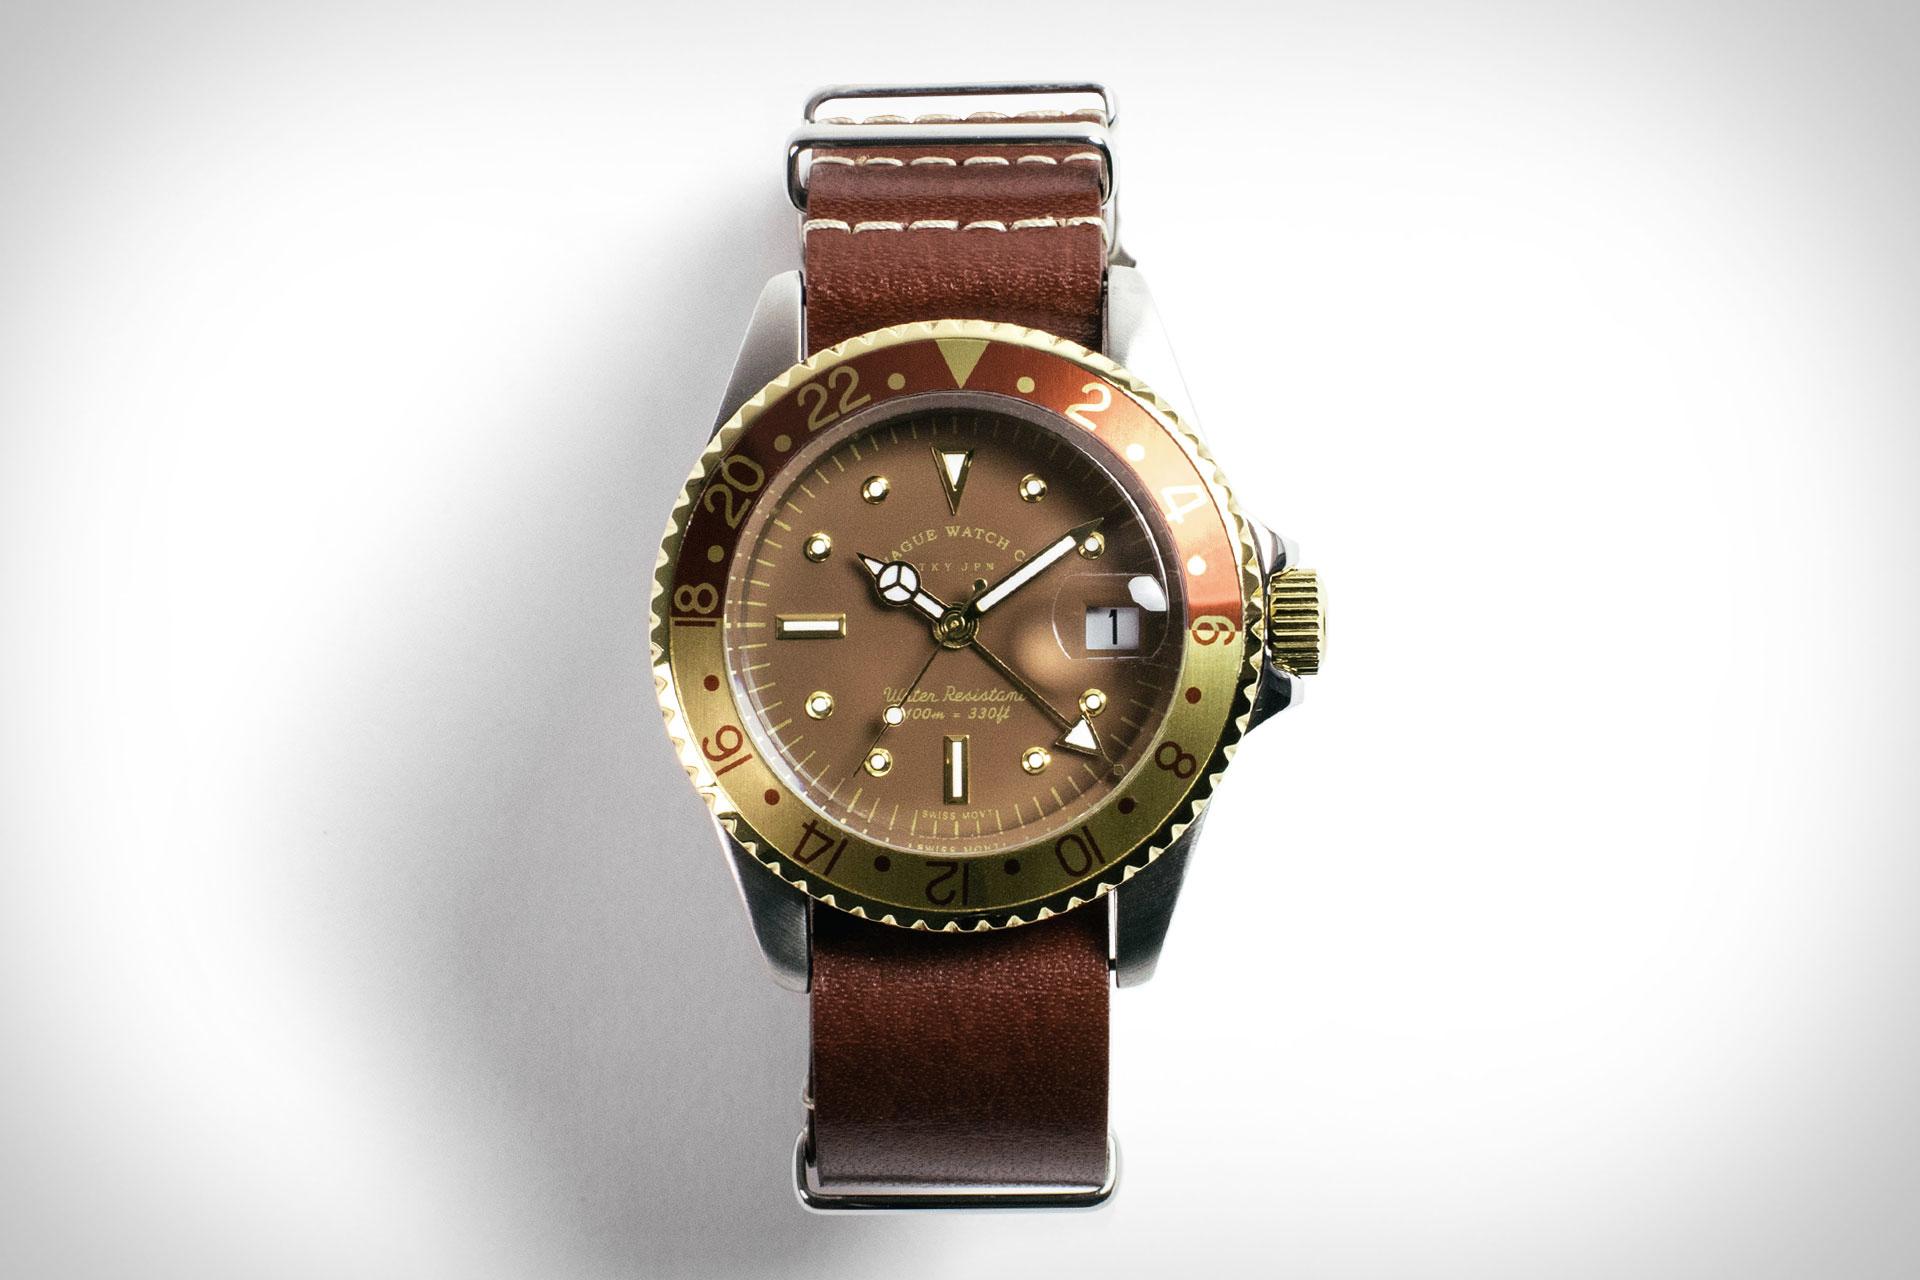 Vague Gmt Watch Uncrate